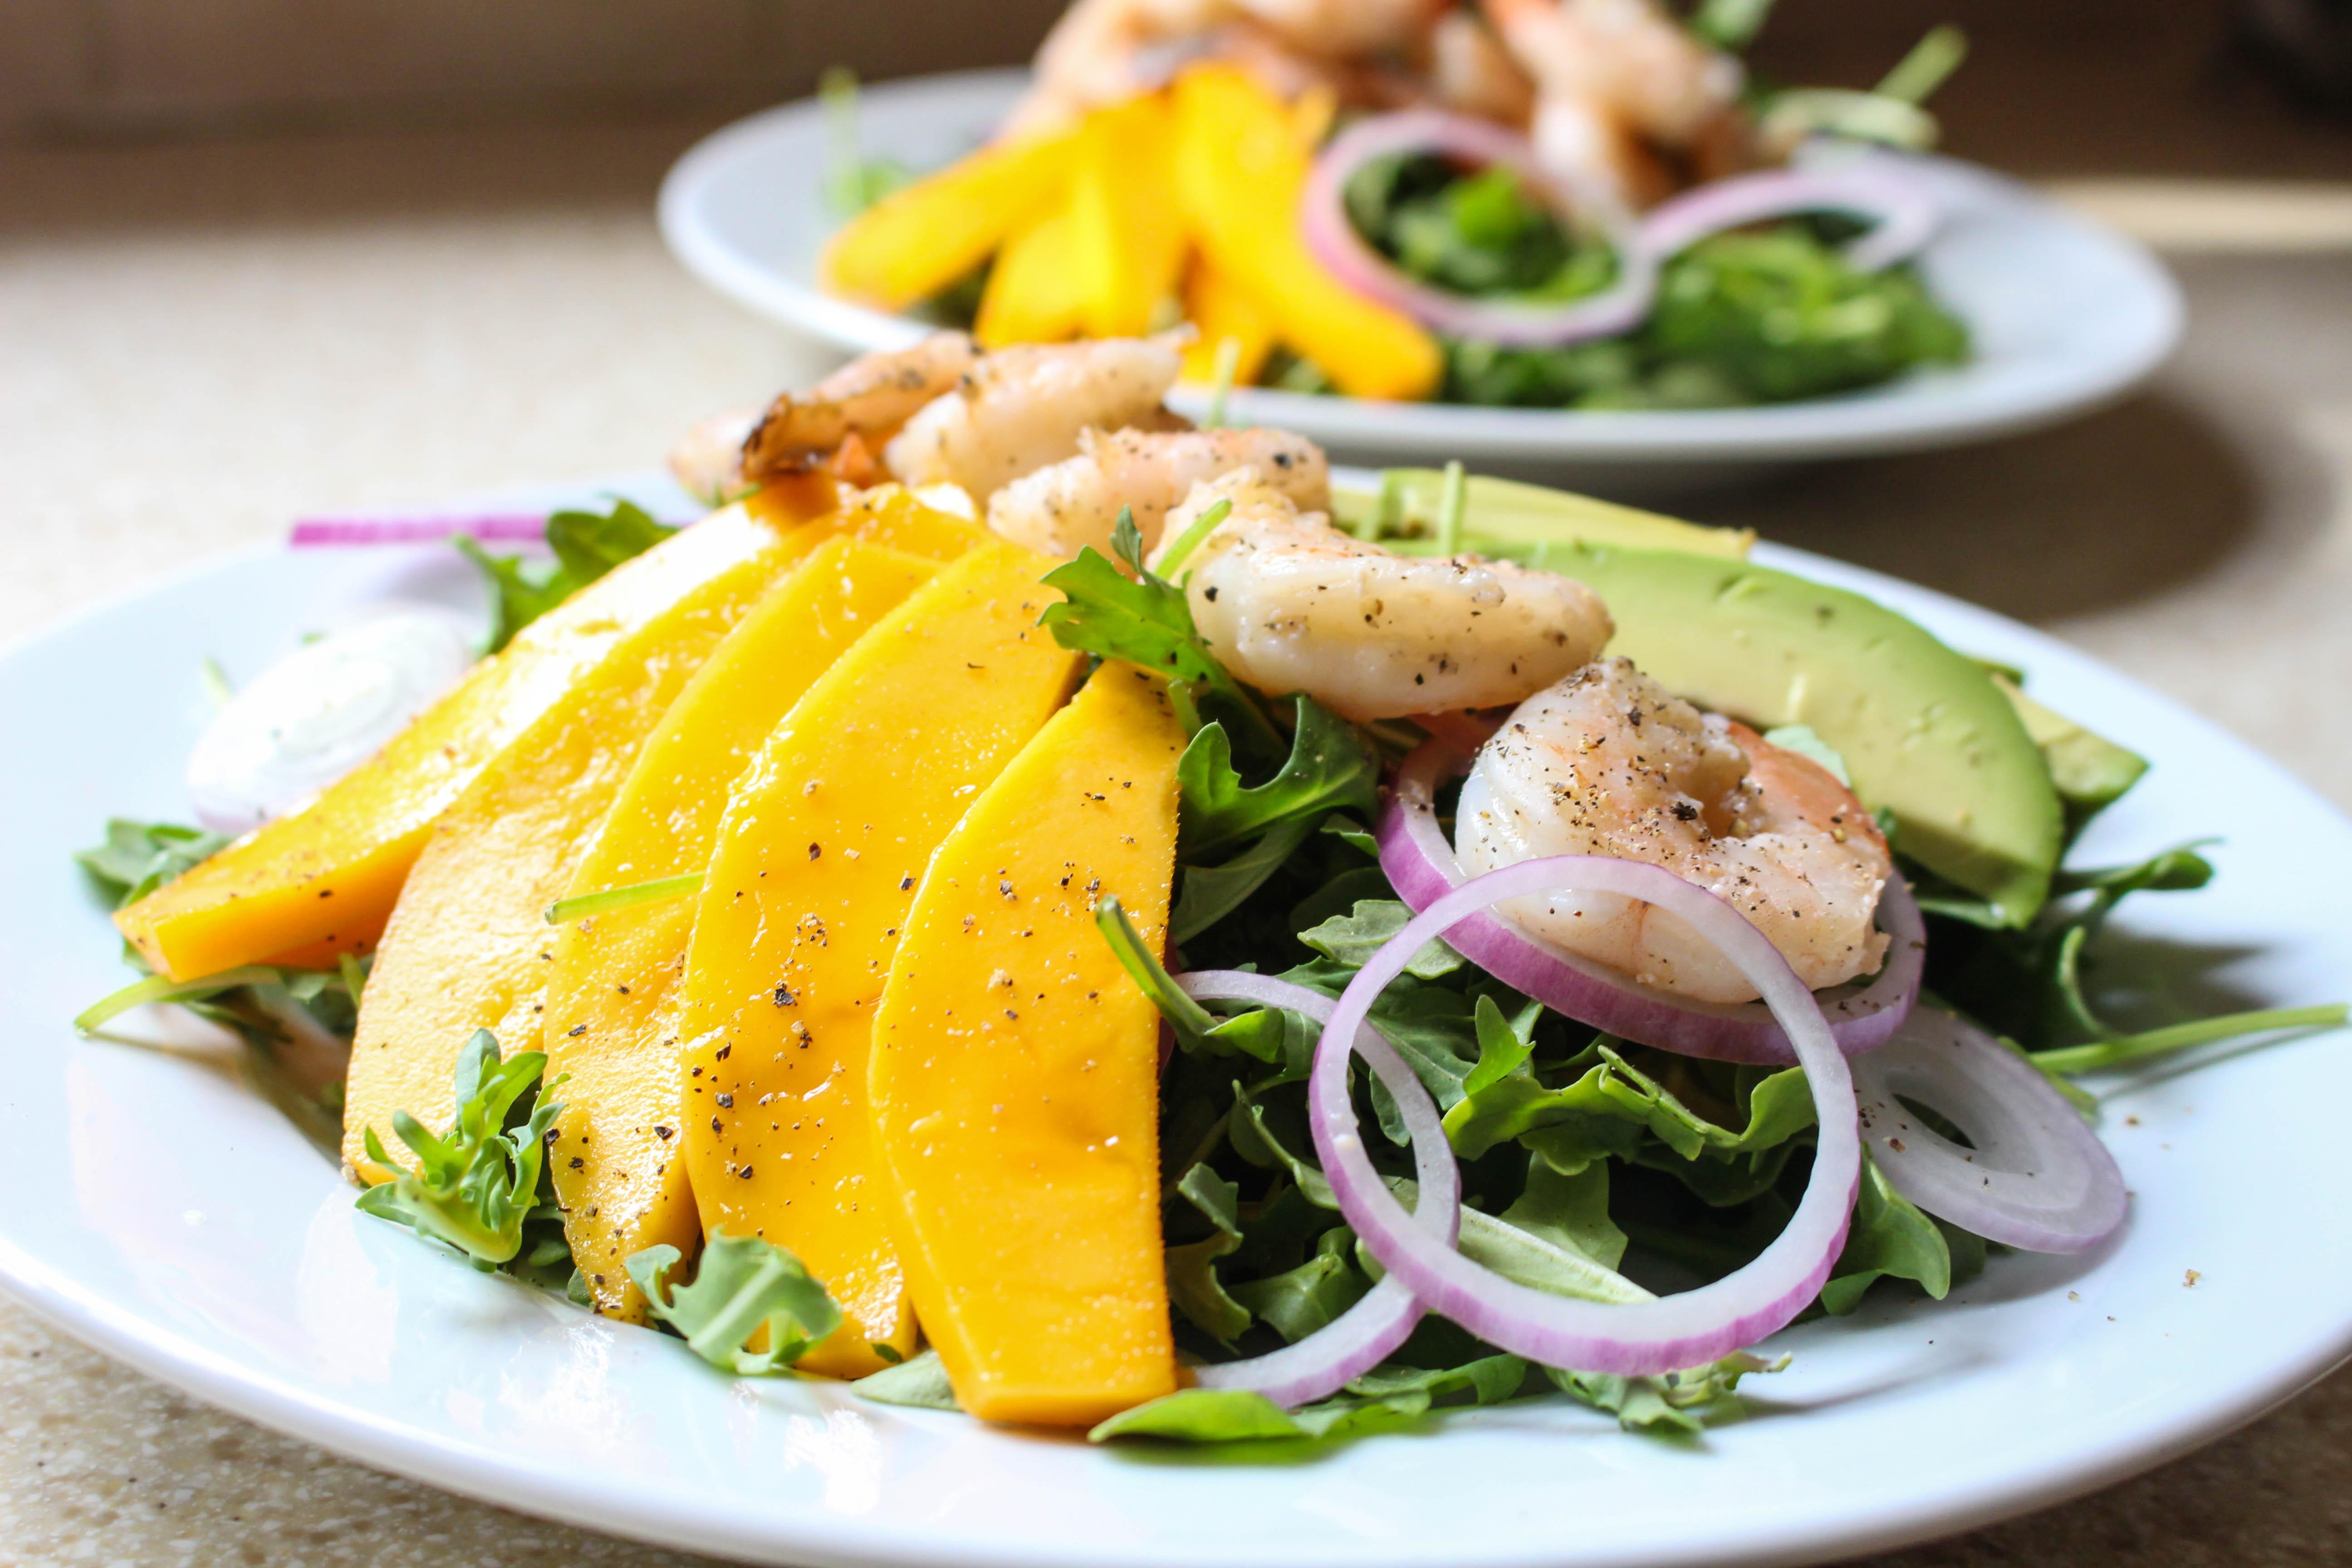 Tropical Shrimp Salad with Avocado, Mango, & Wasabi-Ginger Dressing